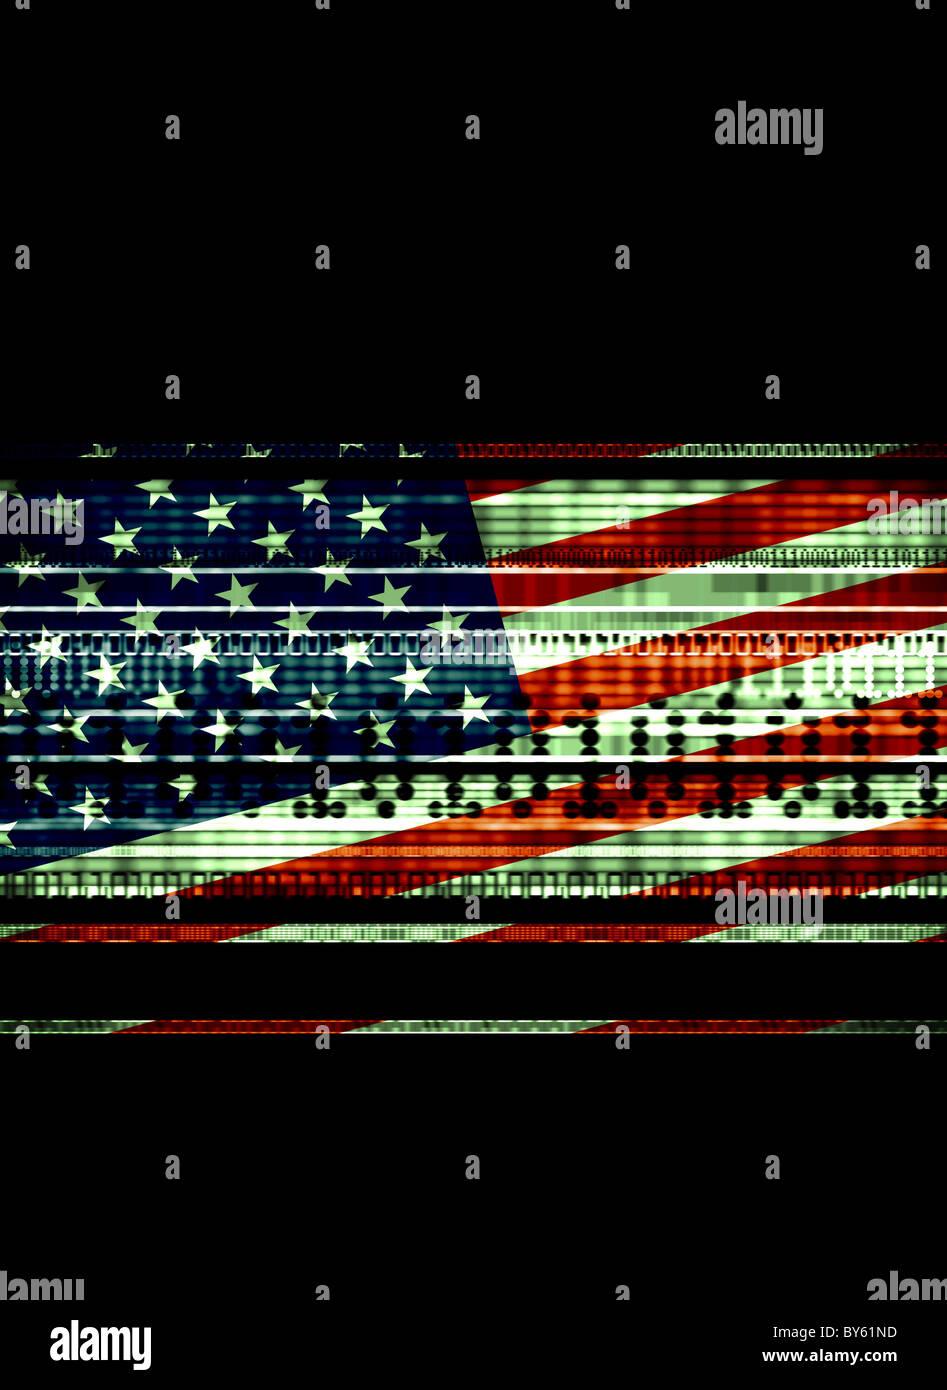 Noi bandiera con flussi di dati che illustra l'utilizzo dei dati,la sicurezza nazionale, il terrorismo Immagini Stock